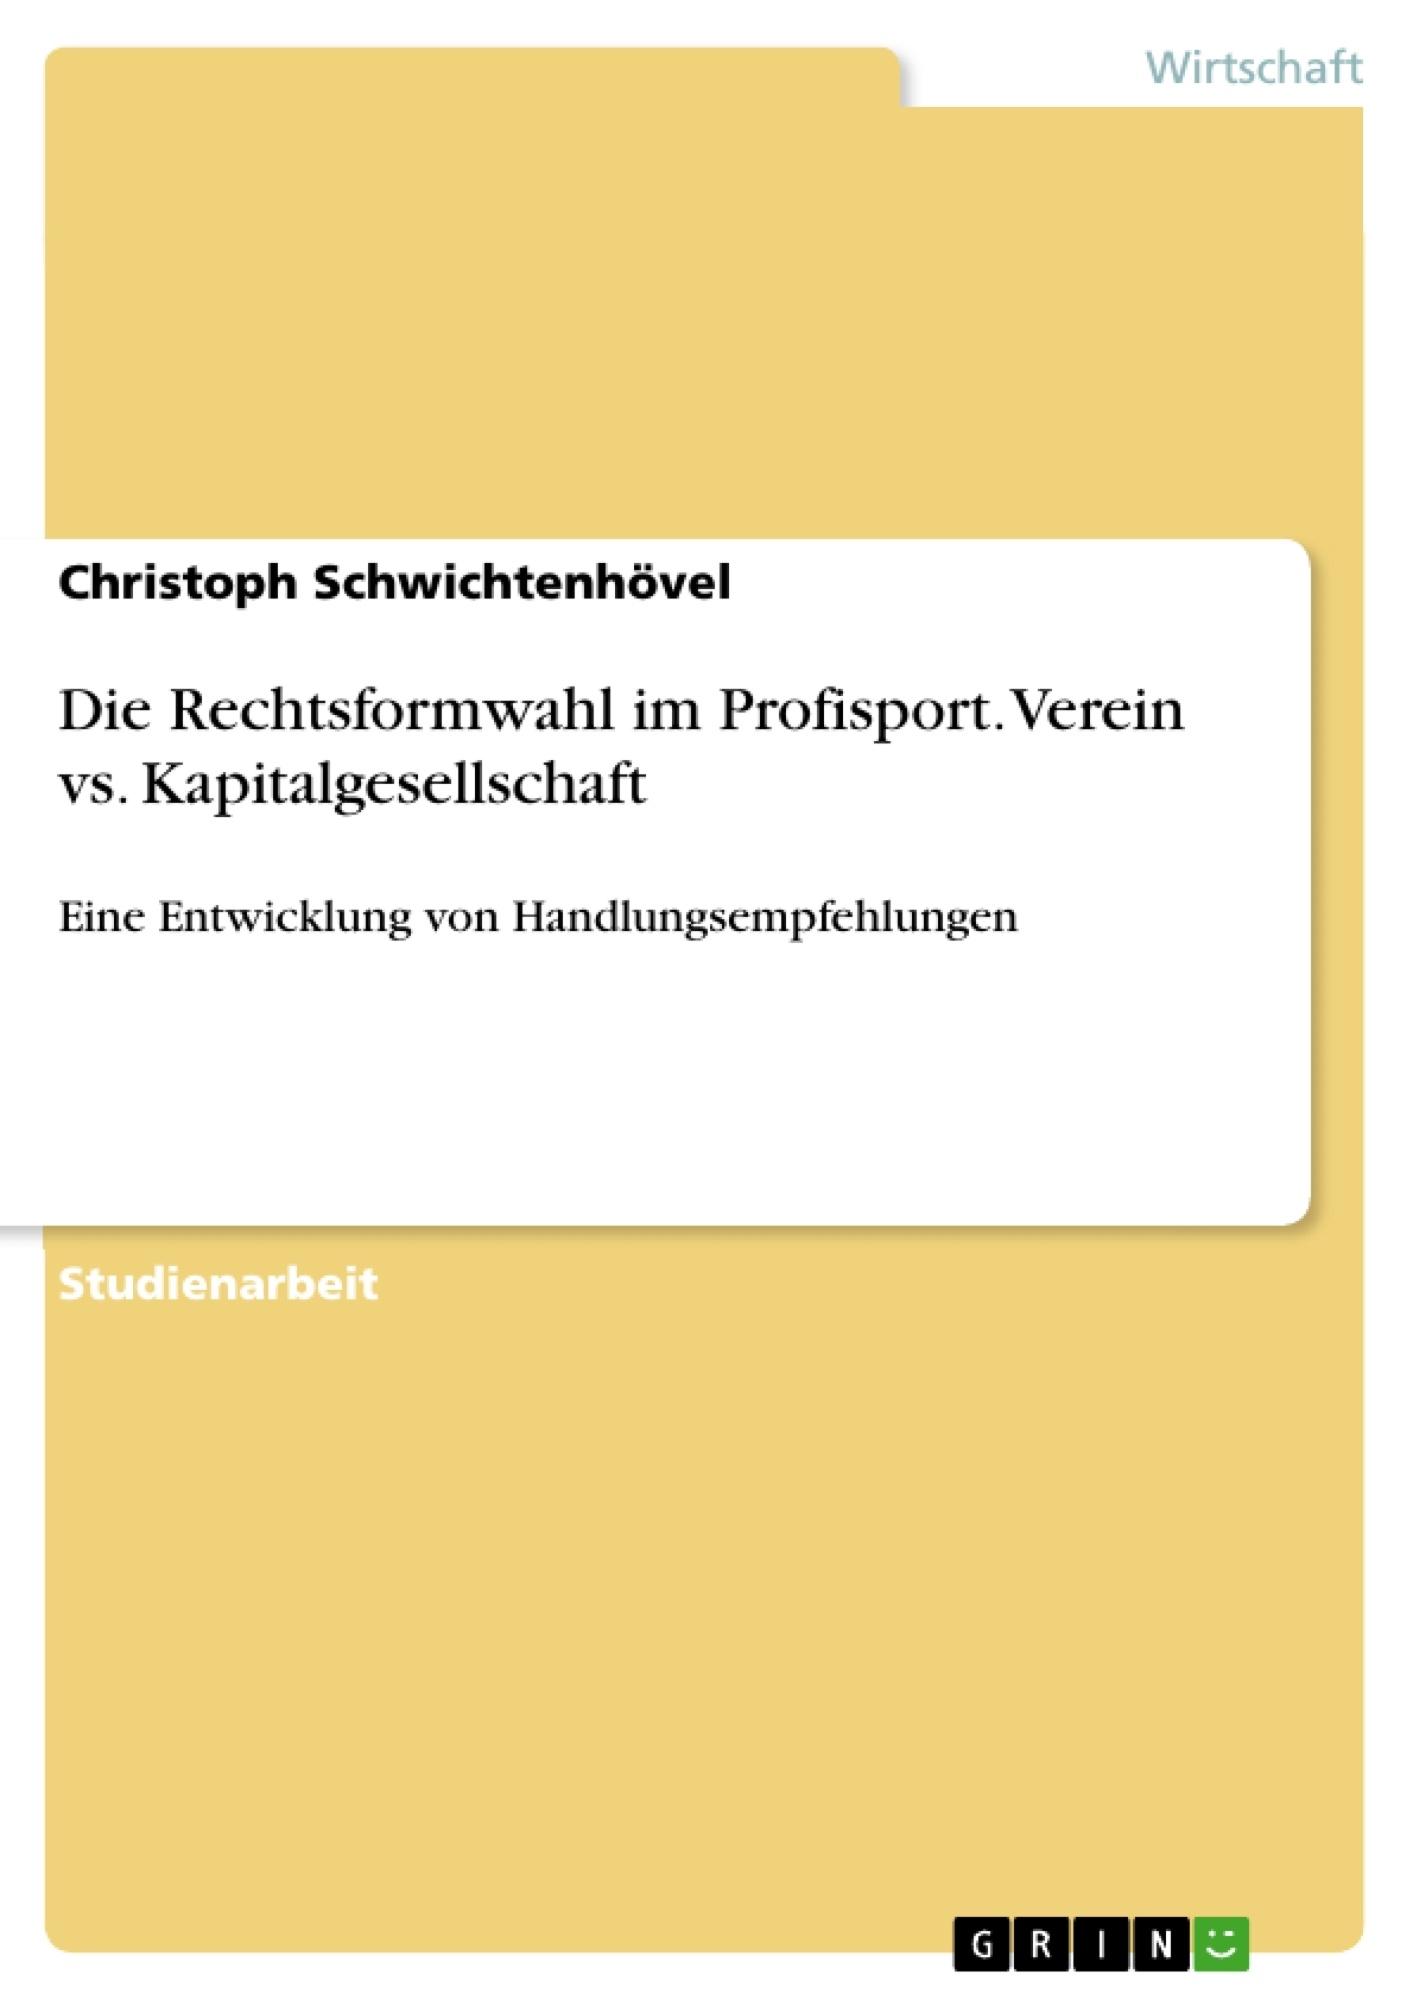 Titel: Die Rechtsformwahl im Profisport. Verein vs. Kapitalgesellschaft